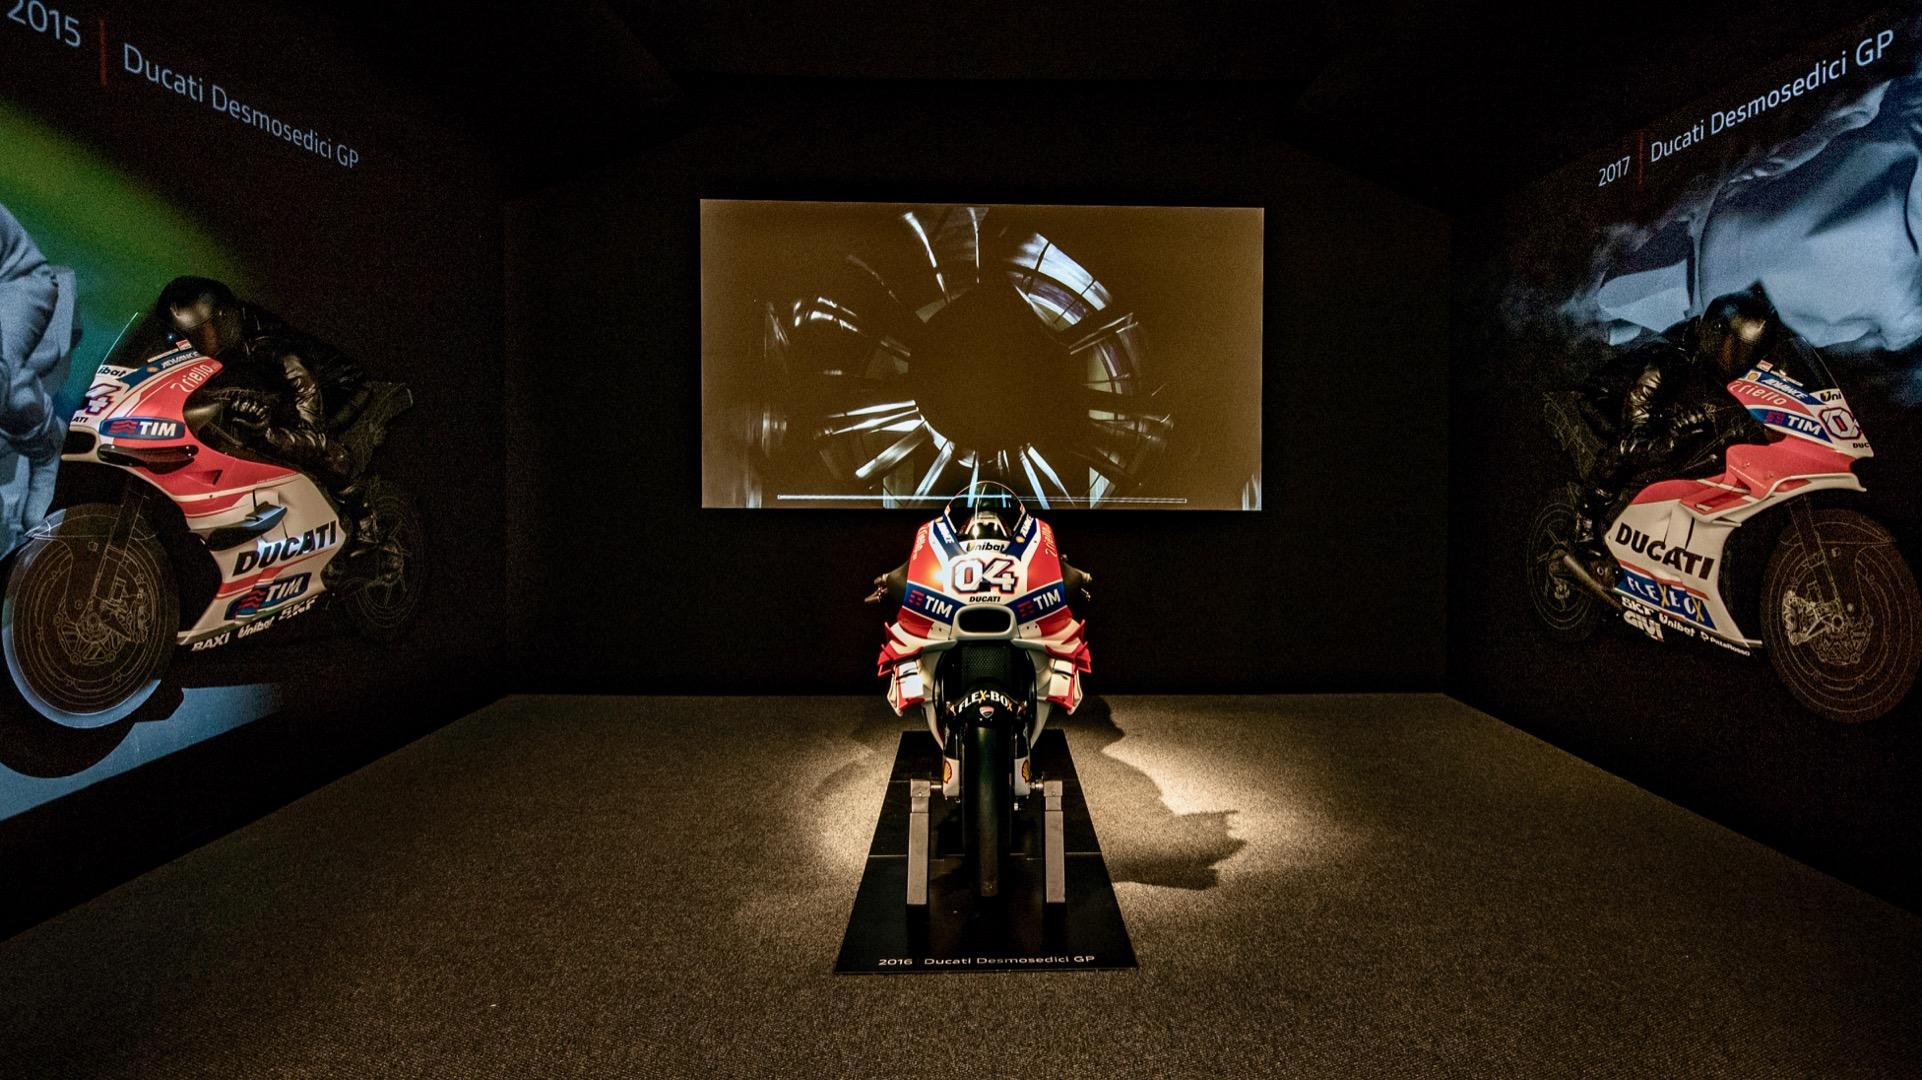 Anatomia della Velocità: in mostra l'aerodinamica secondo Ducati.